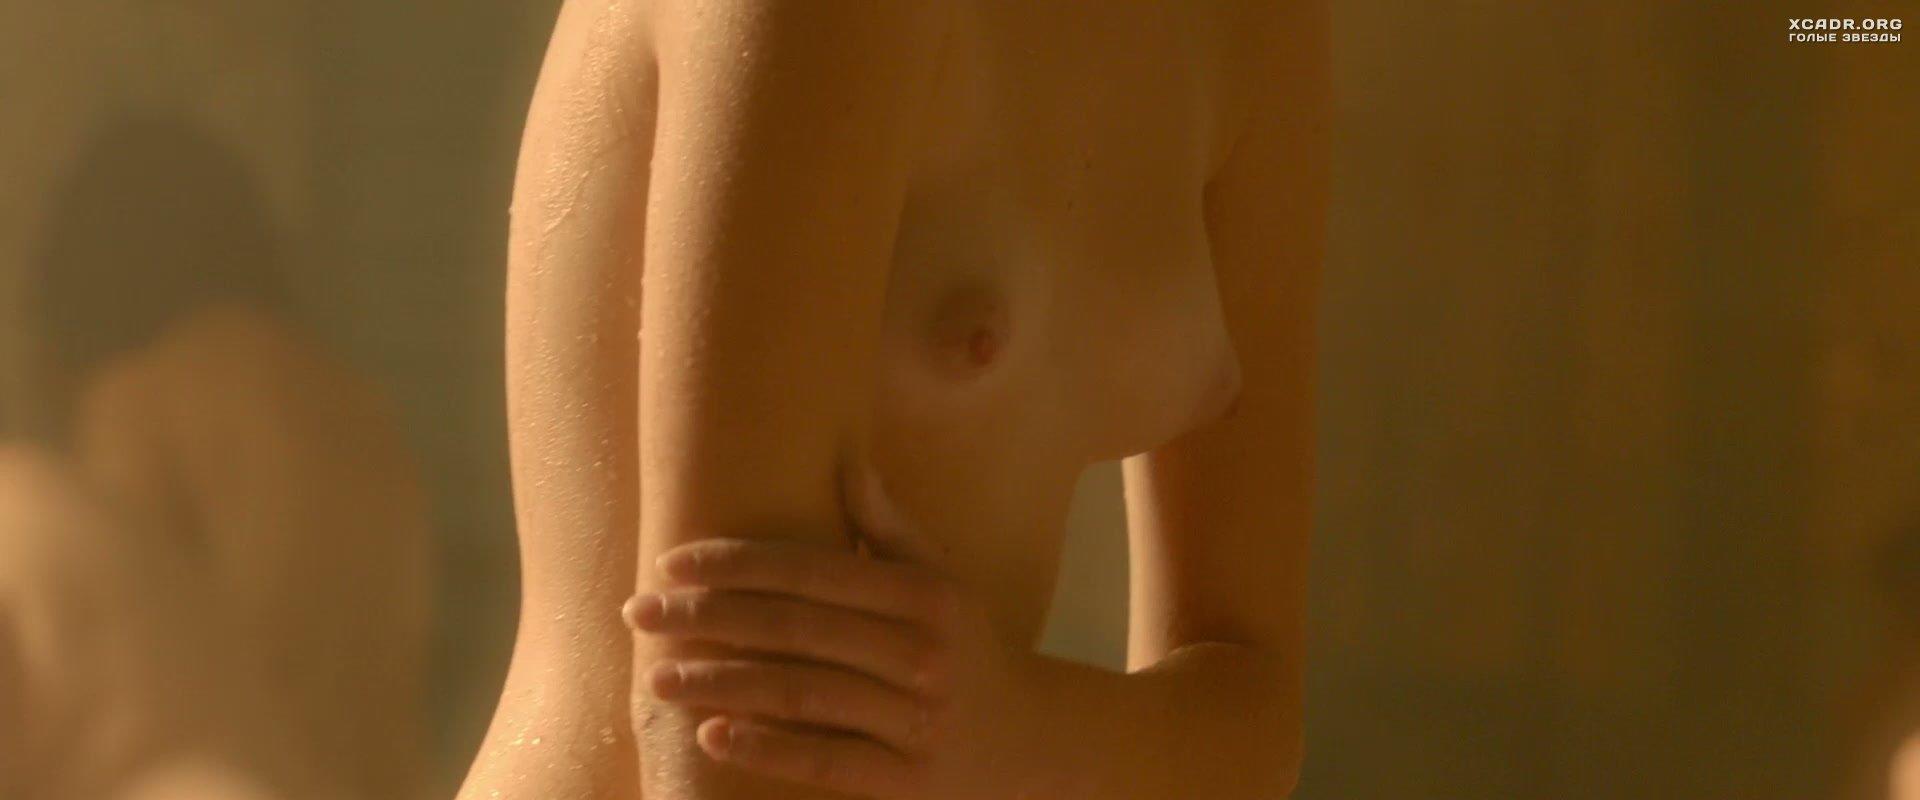 имя и фото самых молодых порно актриса